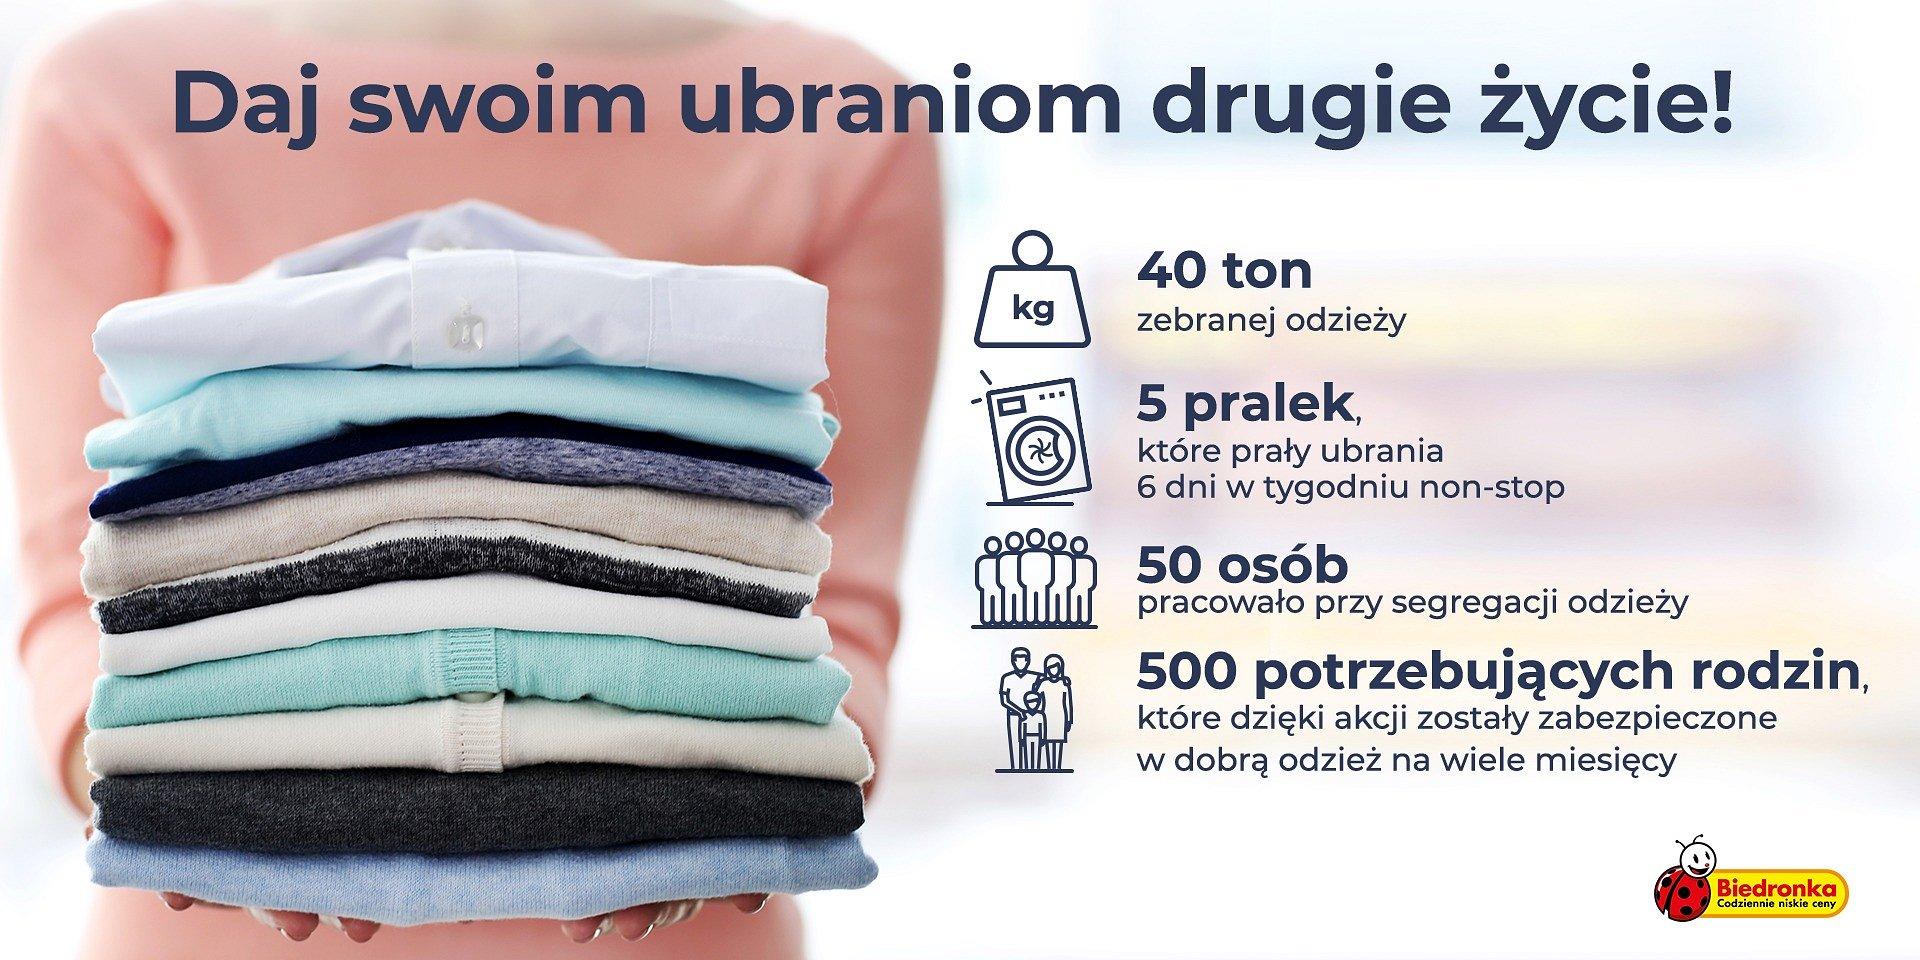 Klienci Biedronki zebrali 40 ton odzieży dla potrzebujących